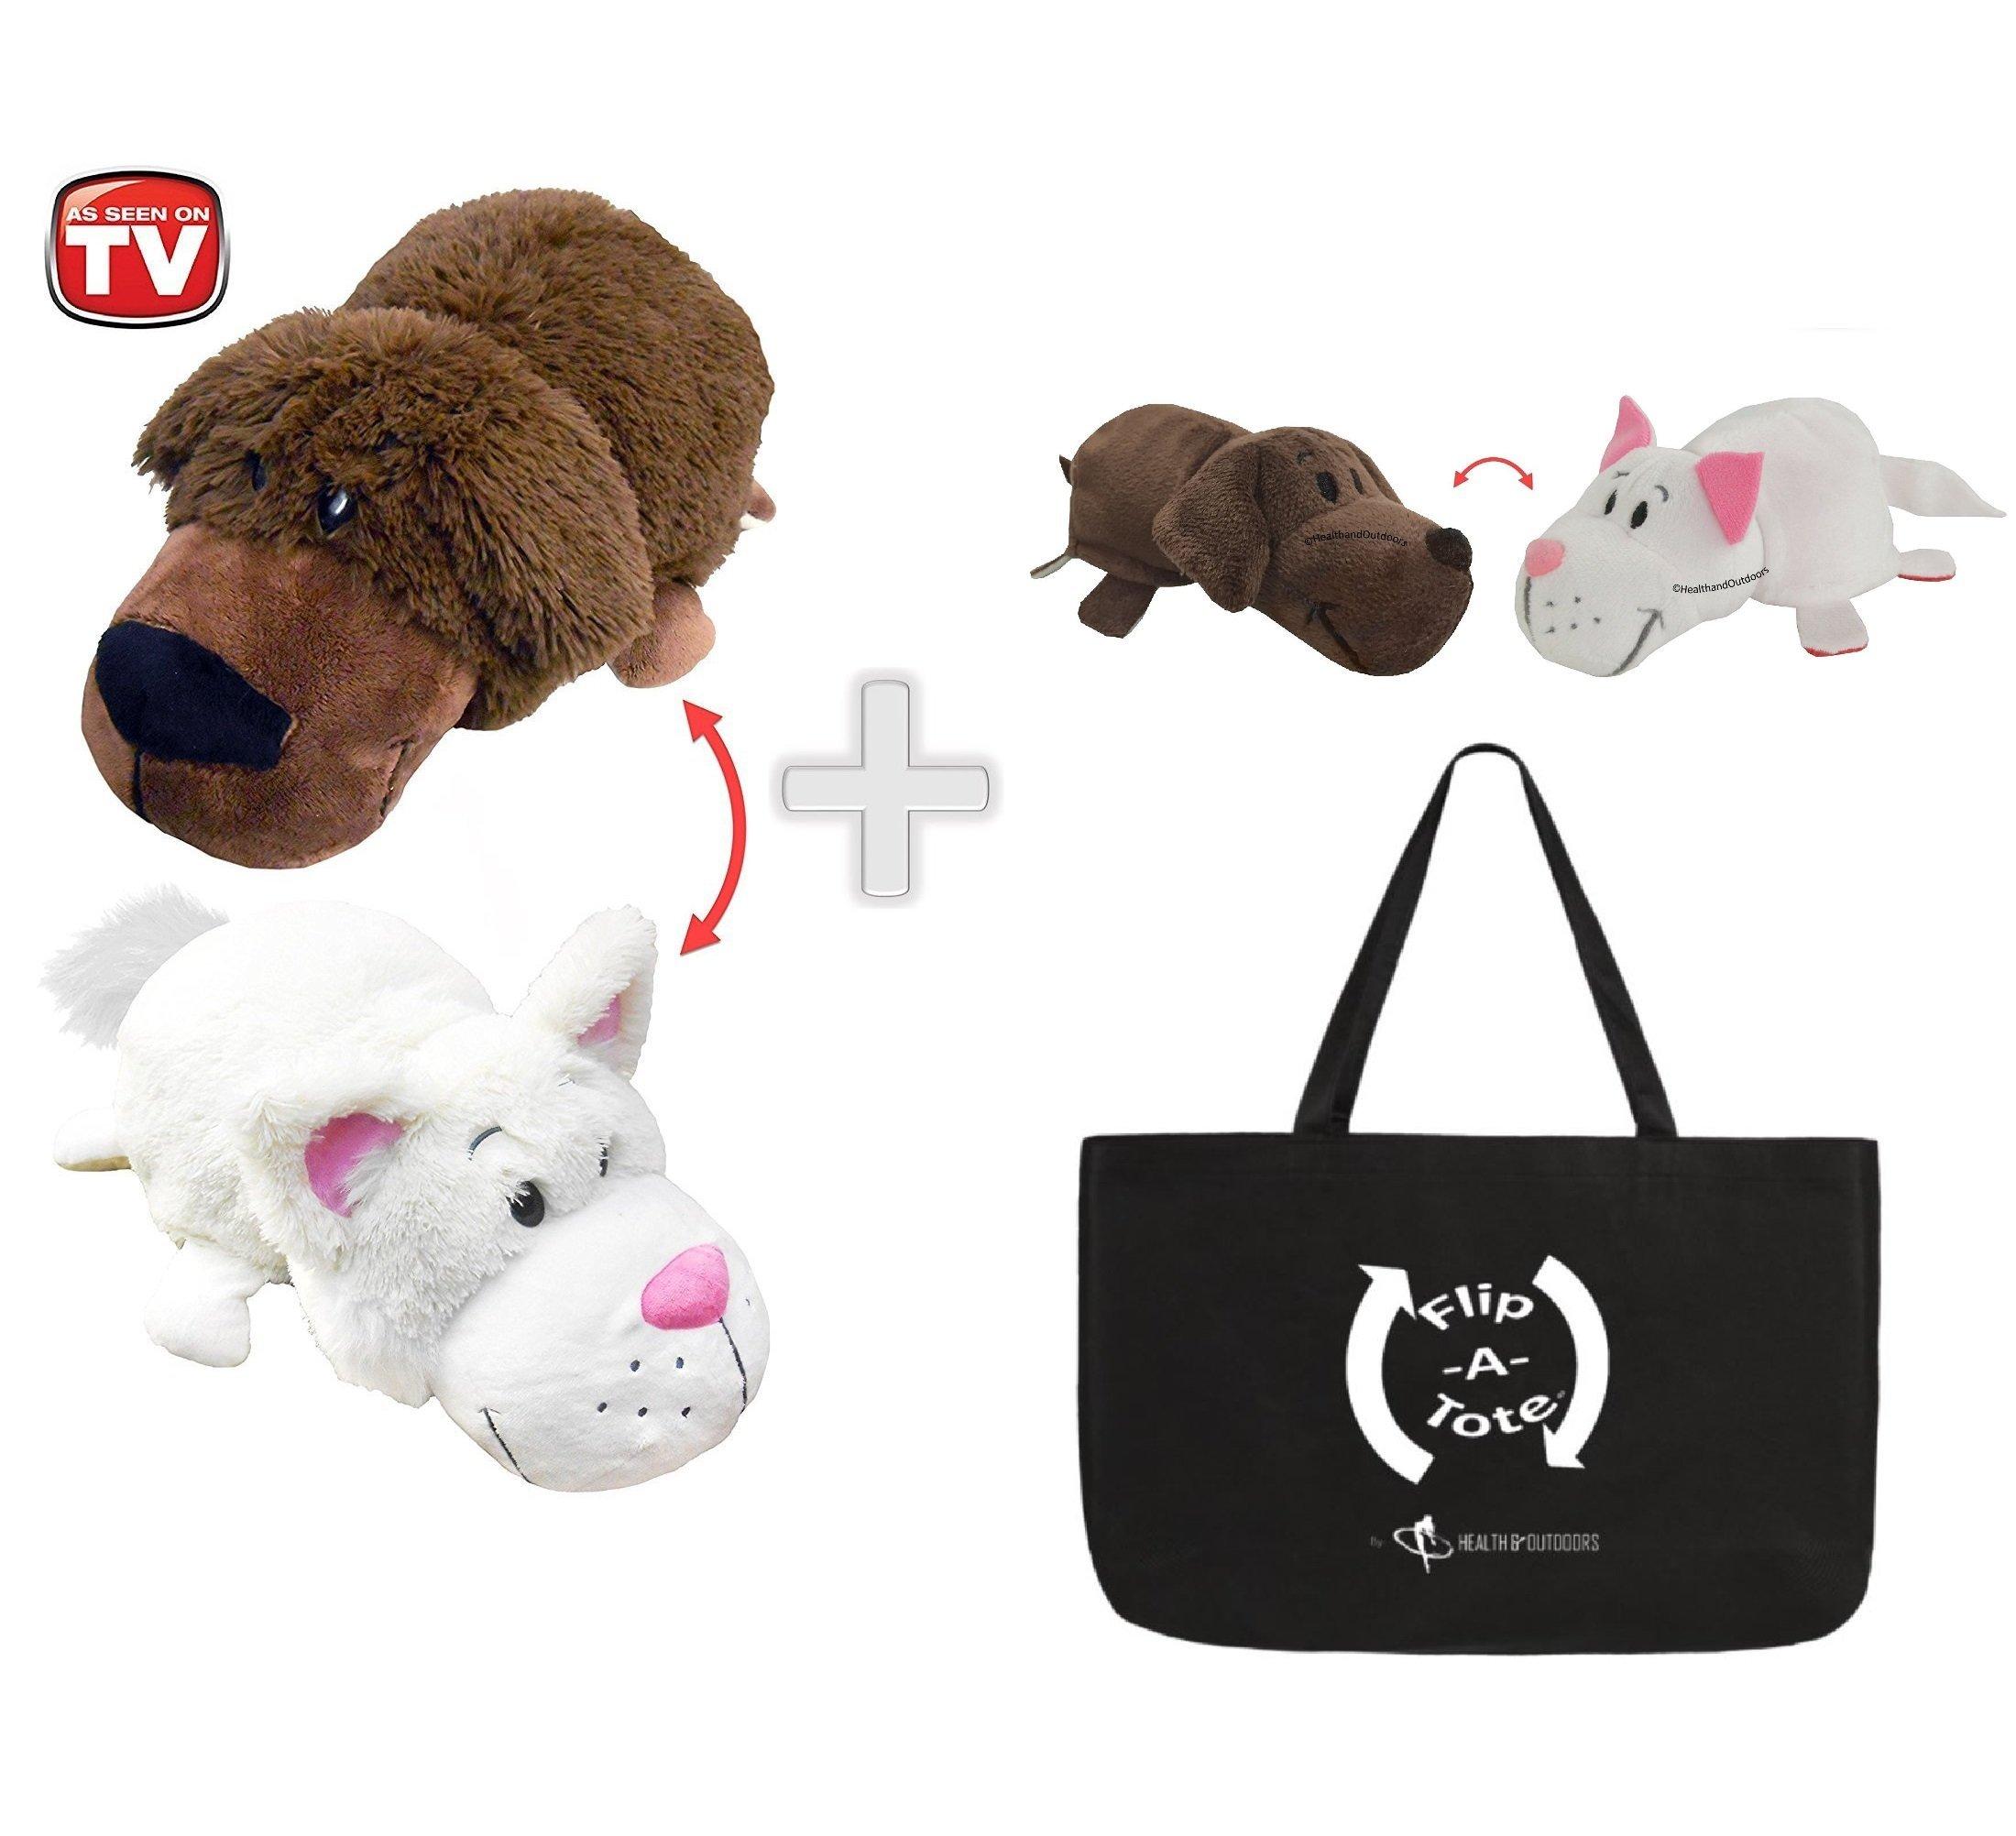 FlipaZoo 16'' & FlipZee 5'' & FlipaTote COMBO ( BRADLEY LABRADOR / RACHEL CAT ) Huggable Flip a Zoo Stuffed Animal is 2 Zoo Pets in 1 by FlipaZoo